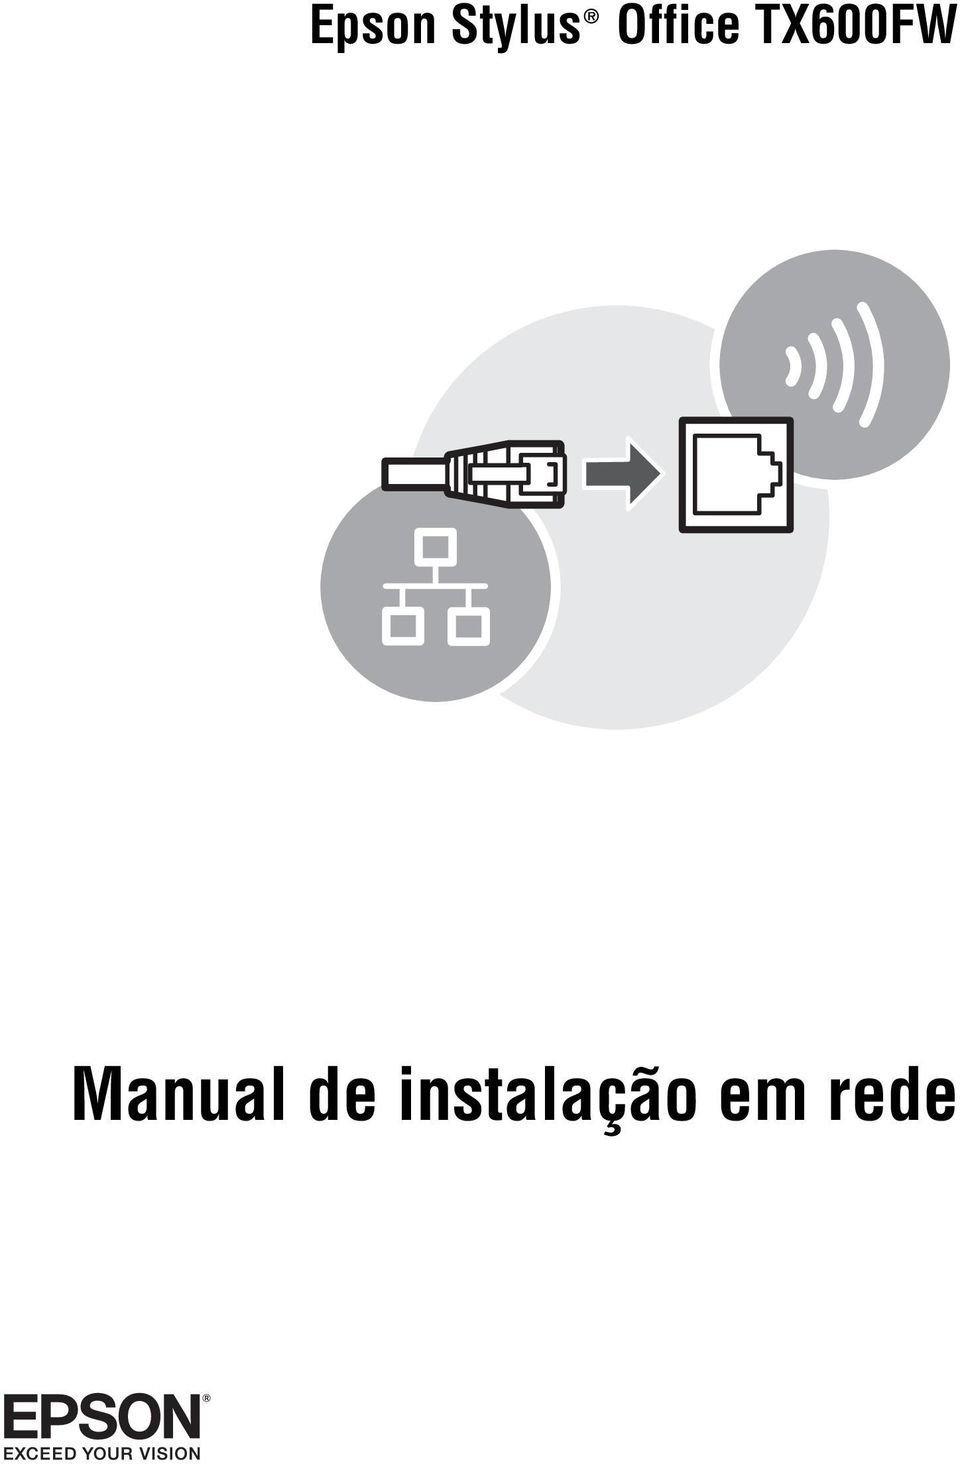 Epson Stylus Office TX600FW. Manual de instalação em rede